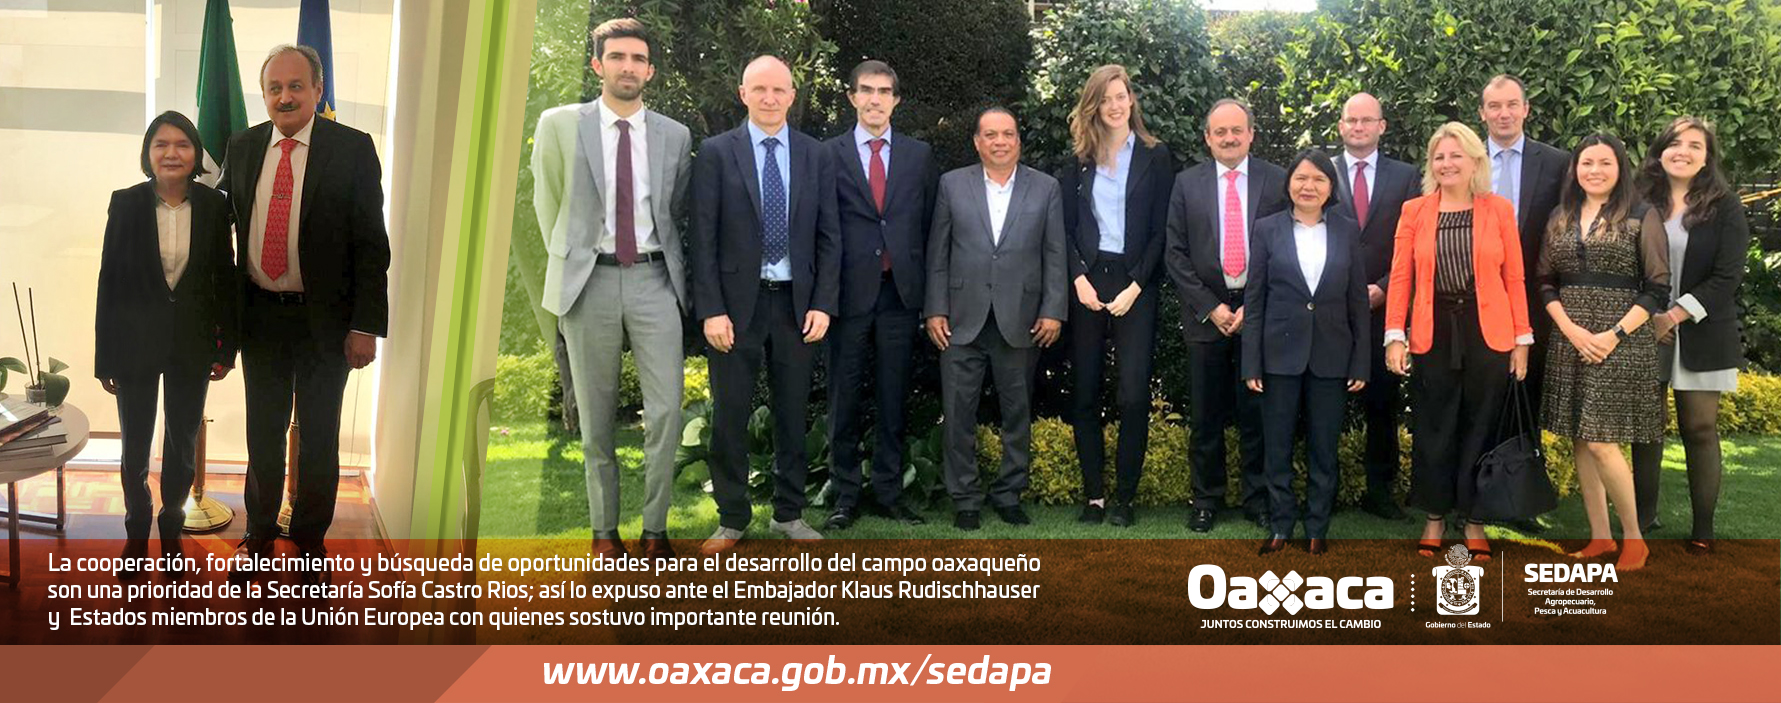 El Gobierno del Estado de Oaxaca a través de la SEDAPA fortalece lazos en materia agropecuaria con representantes de la Unión Europea.